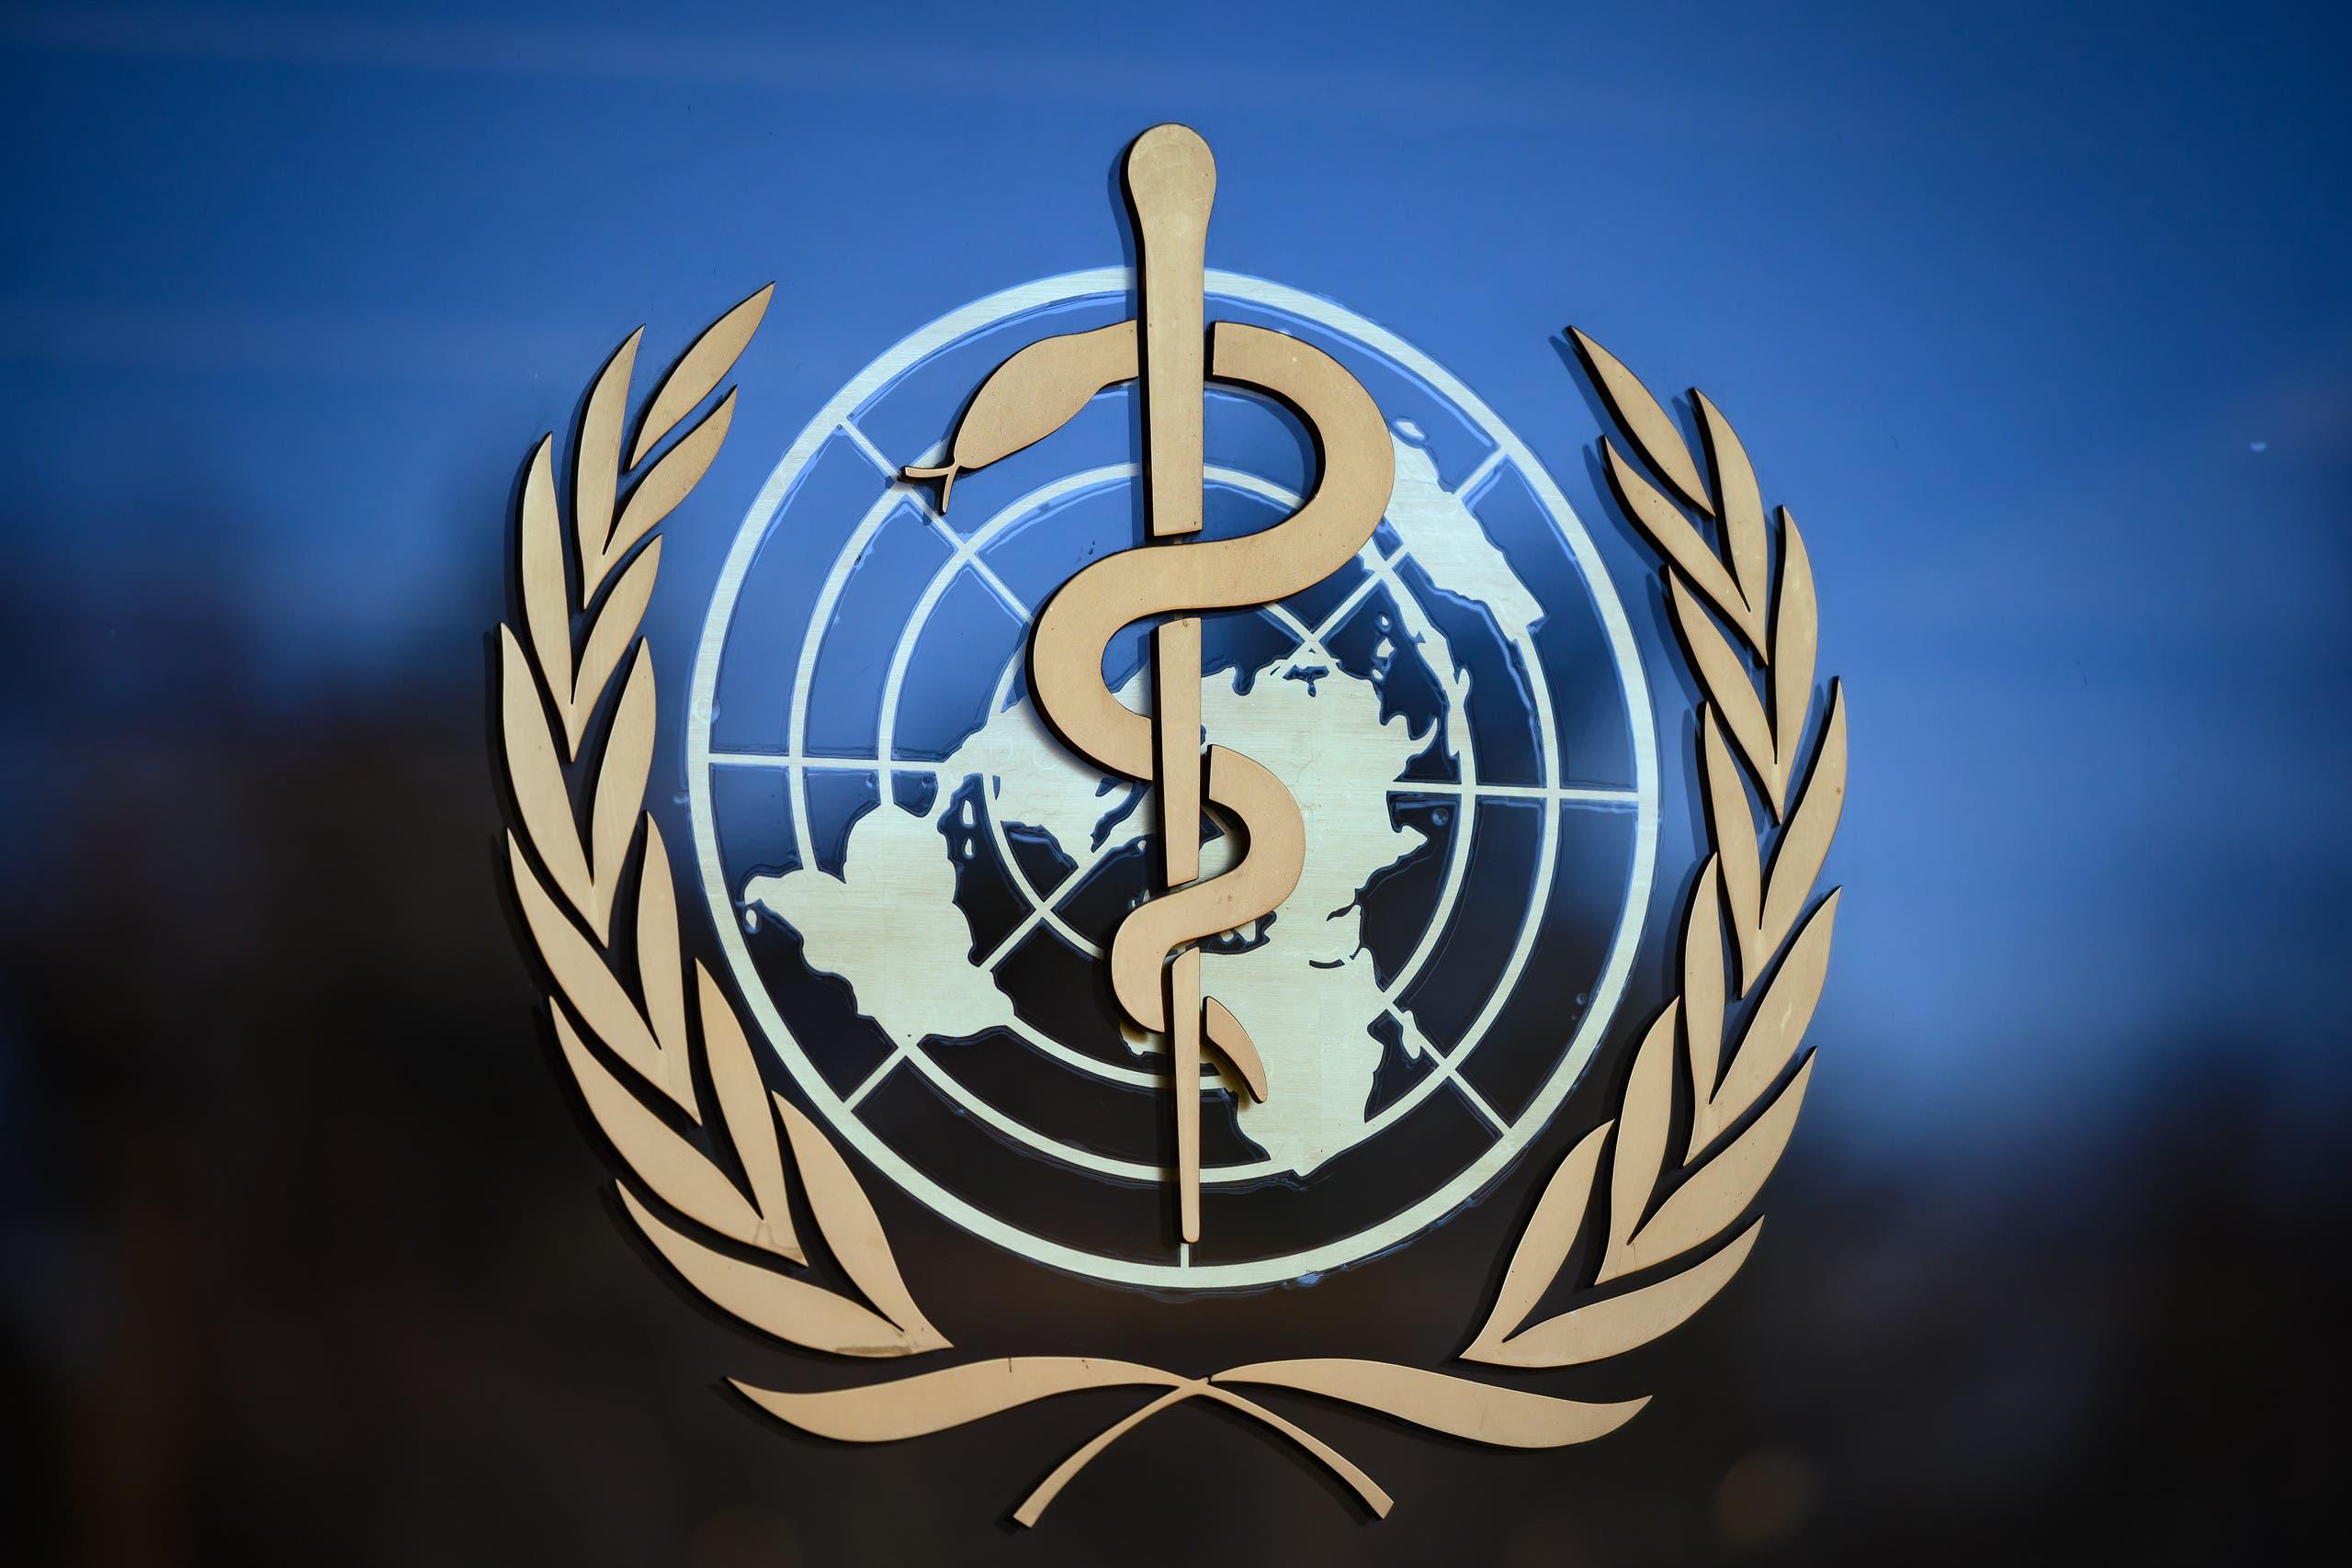 منظمة الصحة العالمية تشدد على ضرورة تقوية منافذ الدول لمنع دخول إصابات جديدة بكورونا